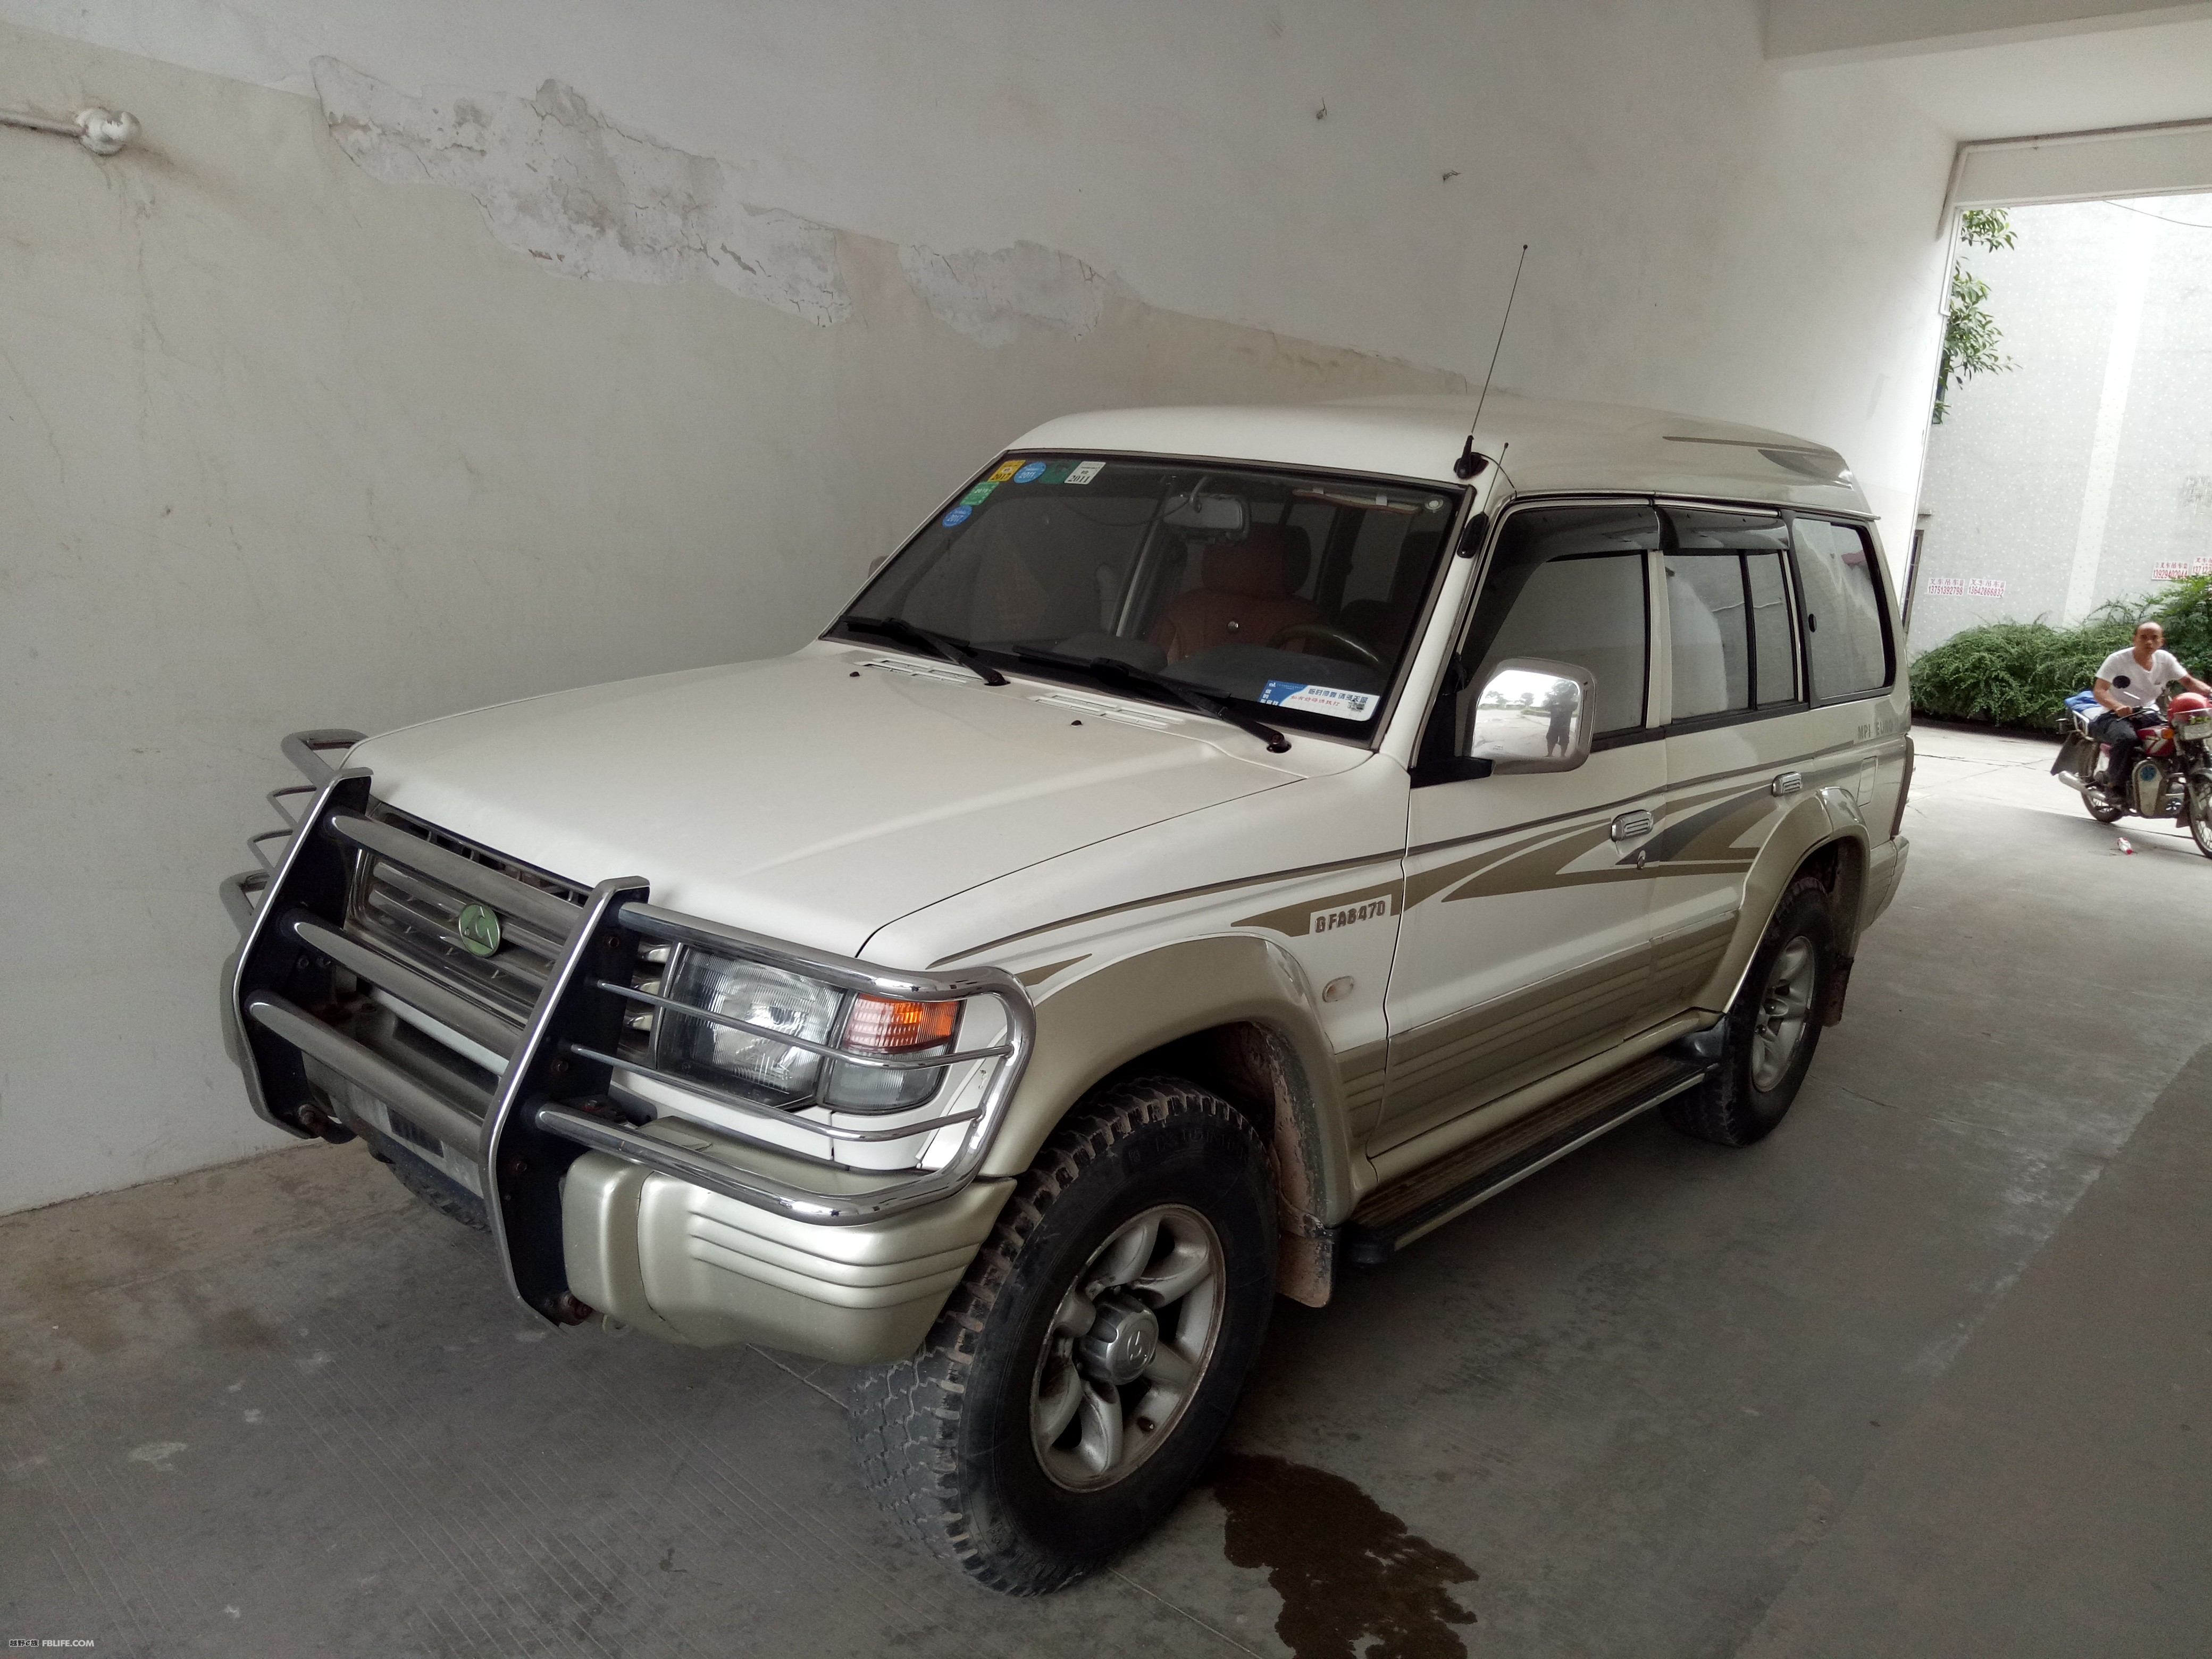 69 猎豹奇兵  出 售 品牌型号: l 猎豹汽车-l 猎豹6481  车牌所在地